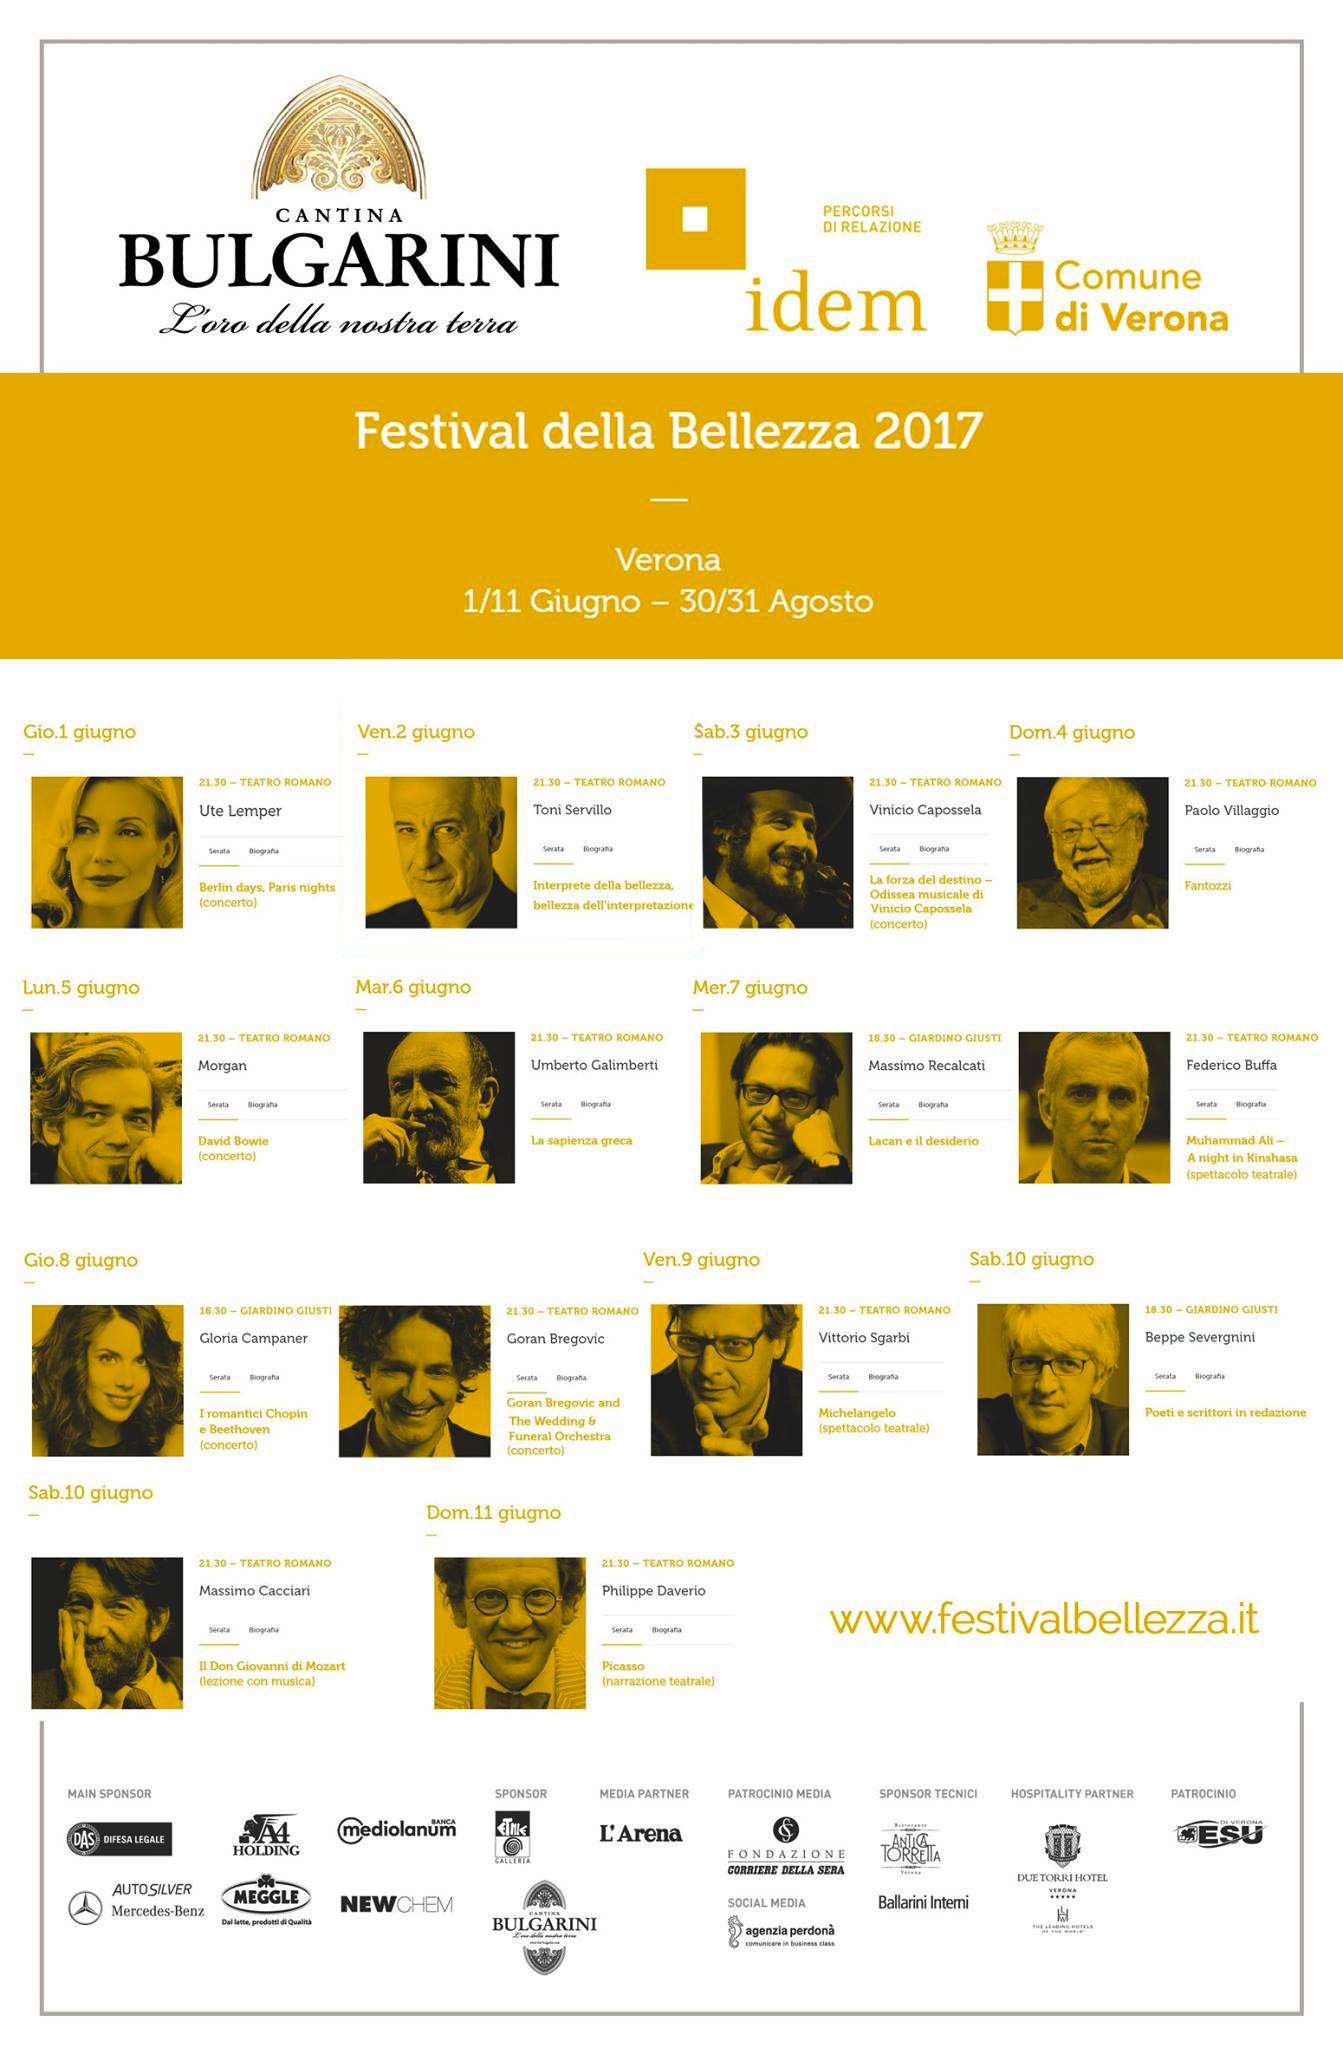 Calendario Festival della Bellezza 2017